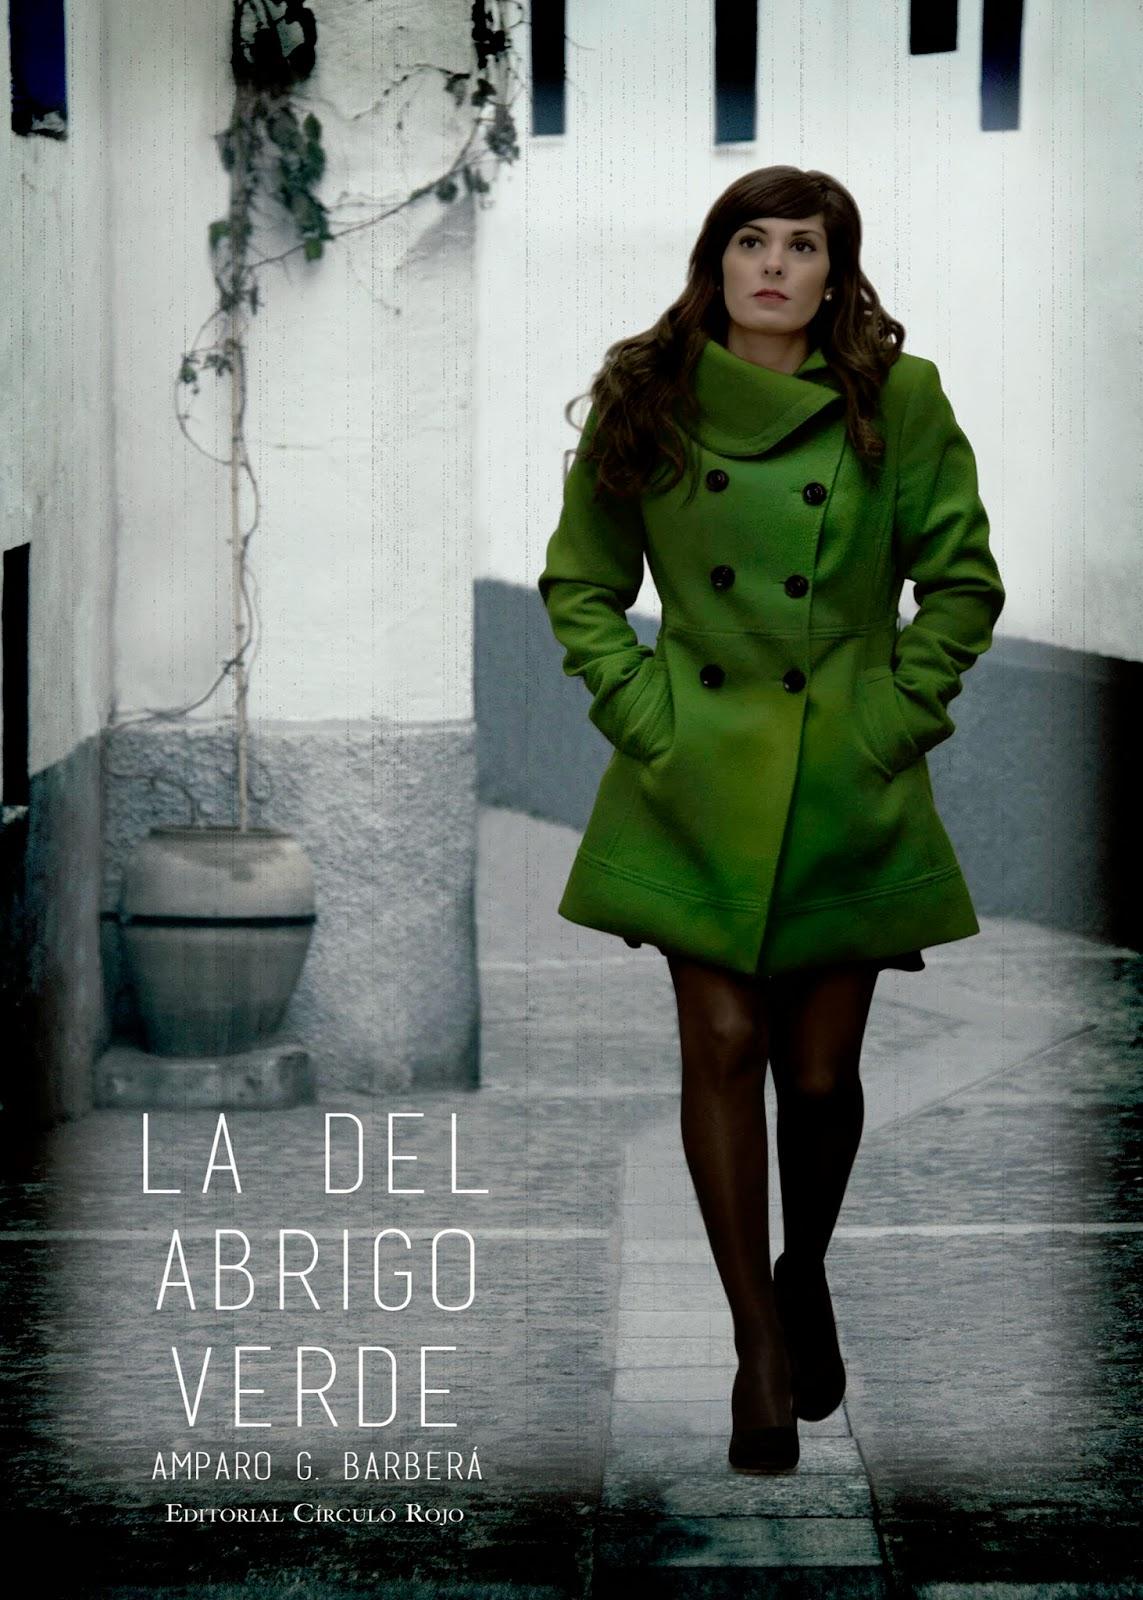 Reseña La del abrigo verde